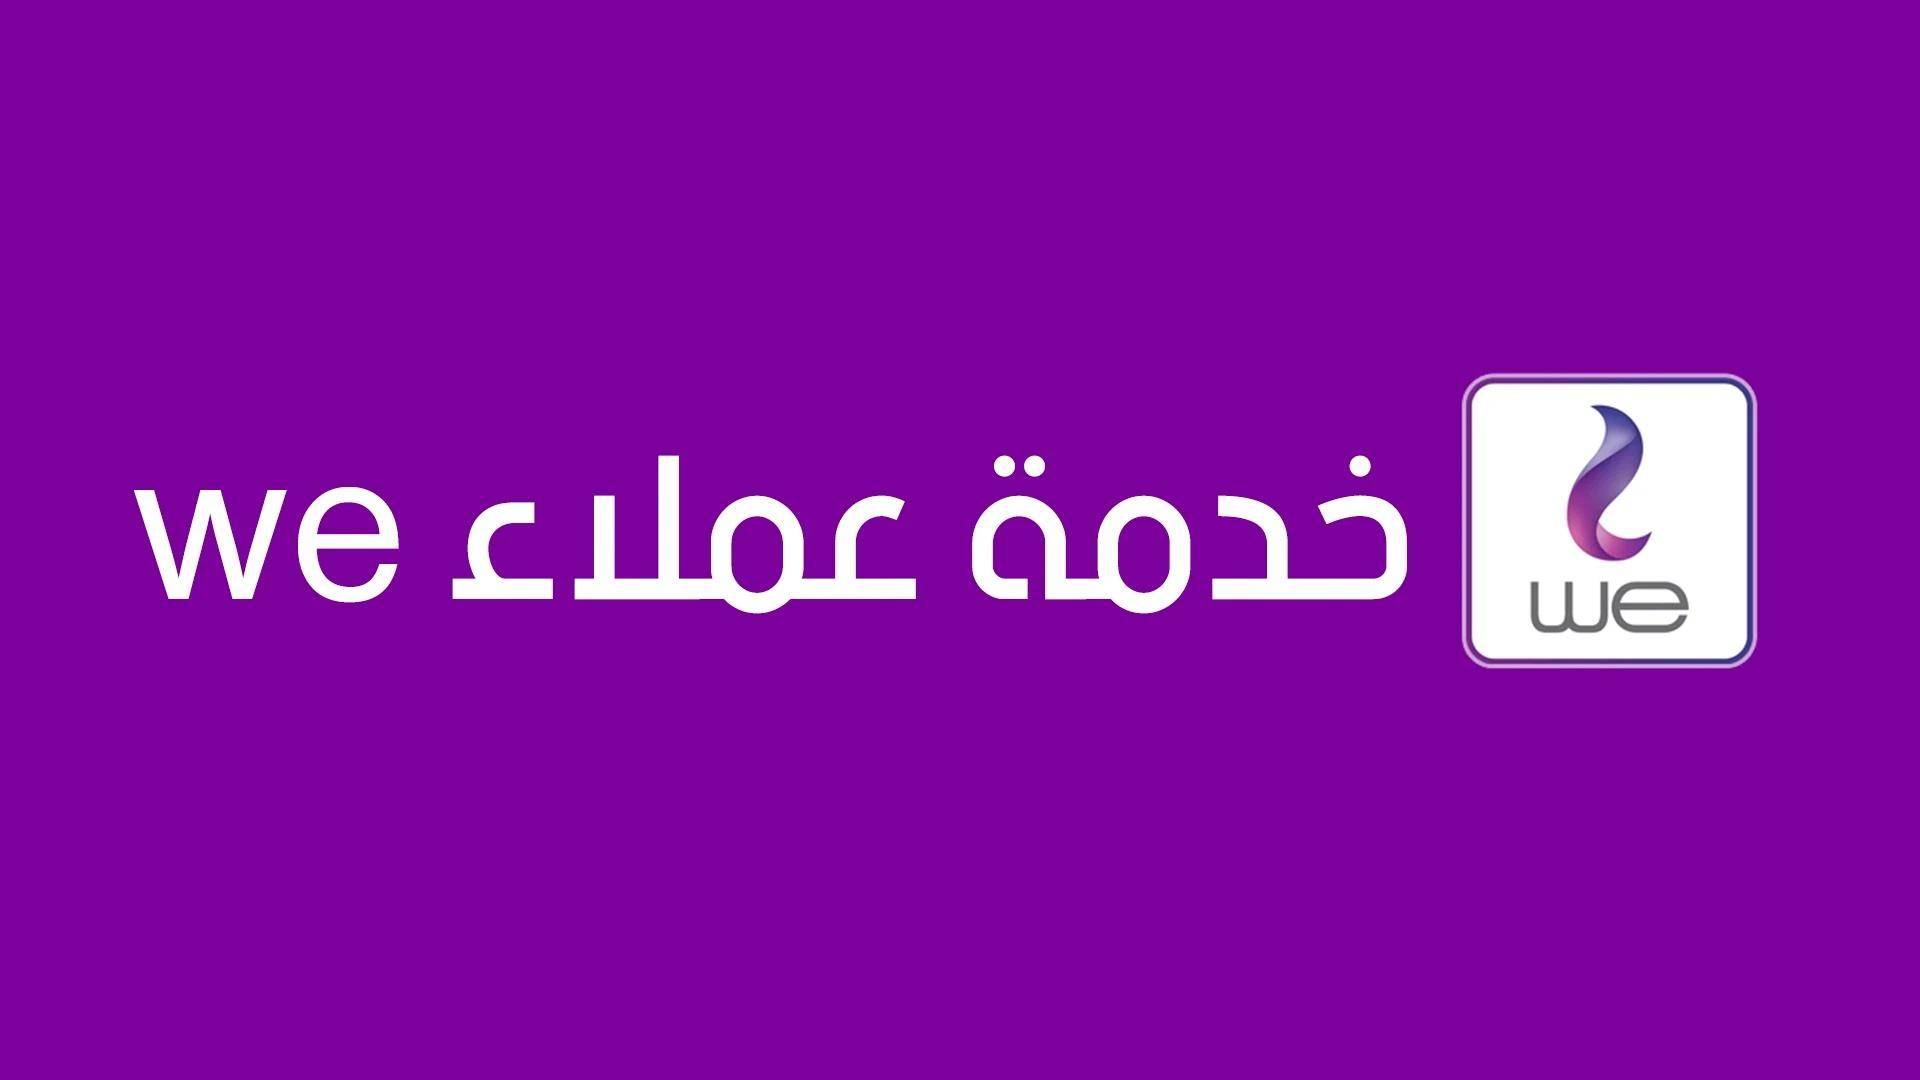 رقم خدمة عملاء وي we للإنترنت المنزلي 2021